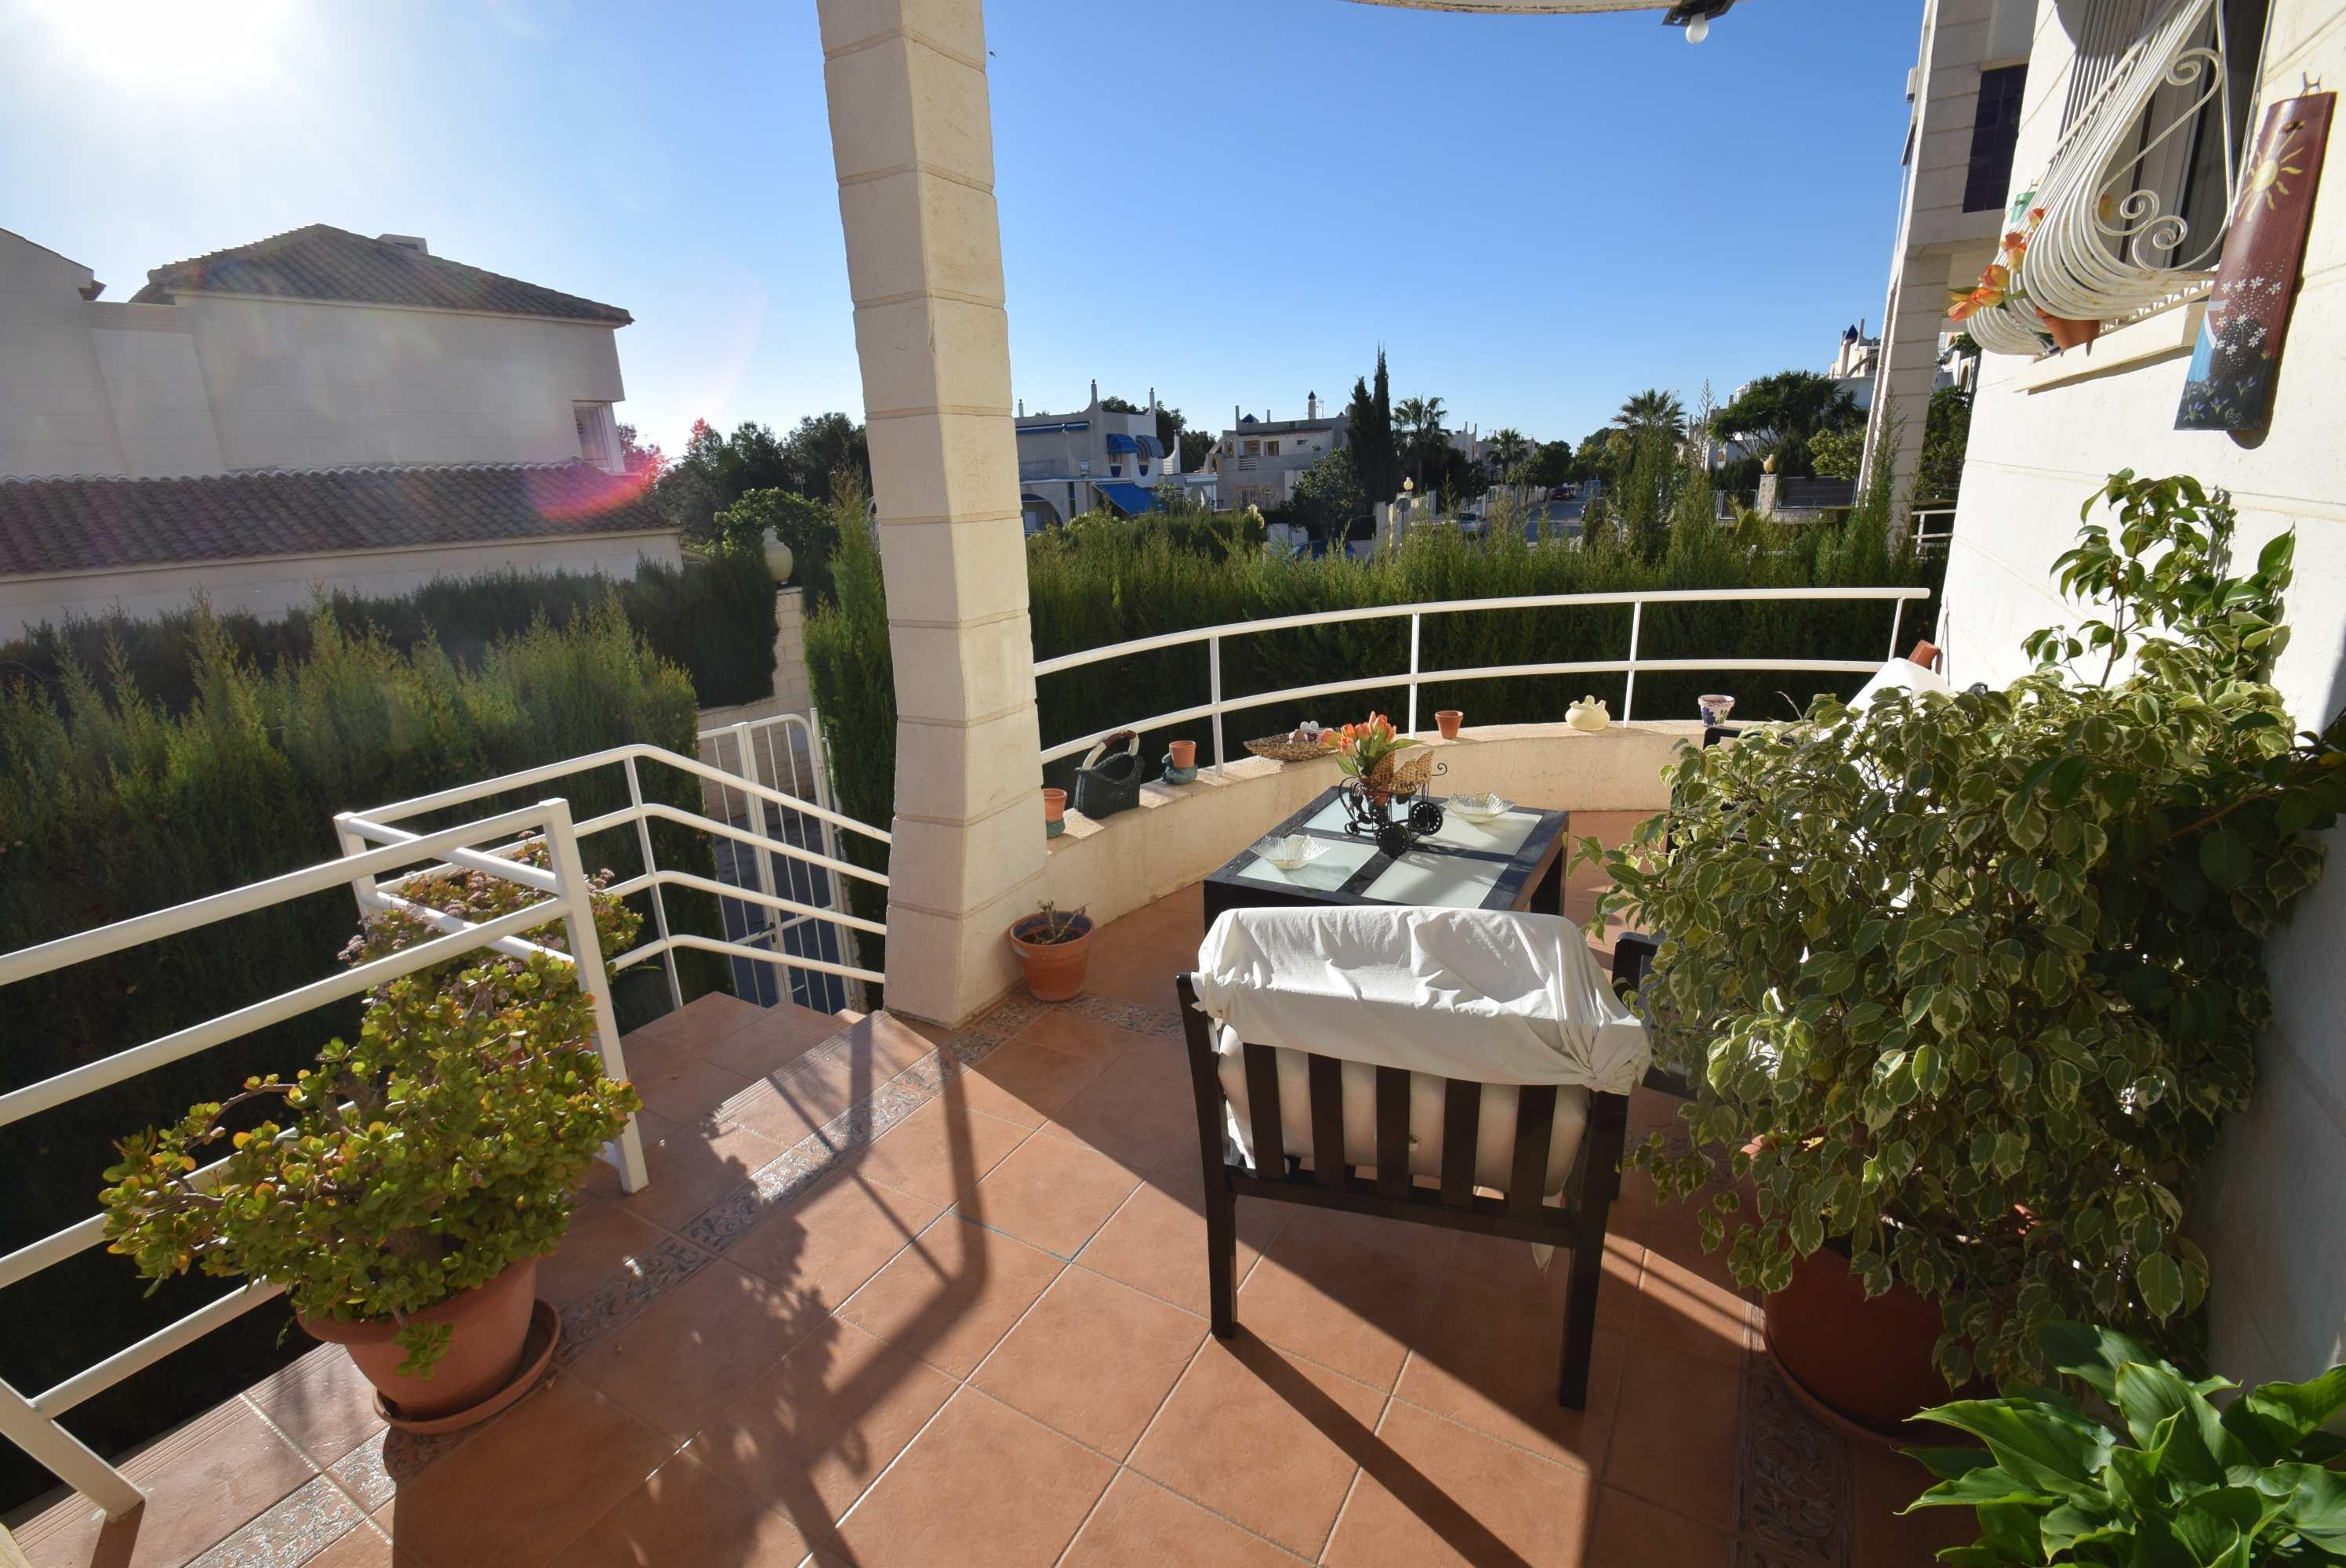 Chalet   Villa en venta en La Nucia, cerca de todos los servicios